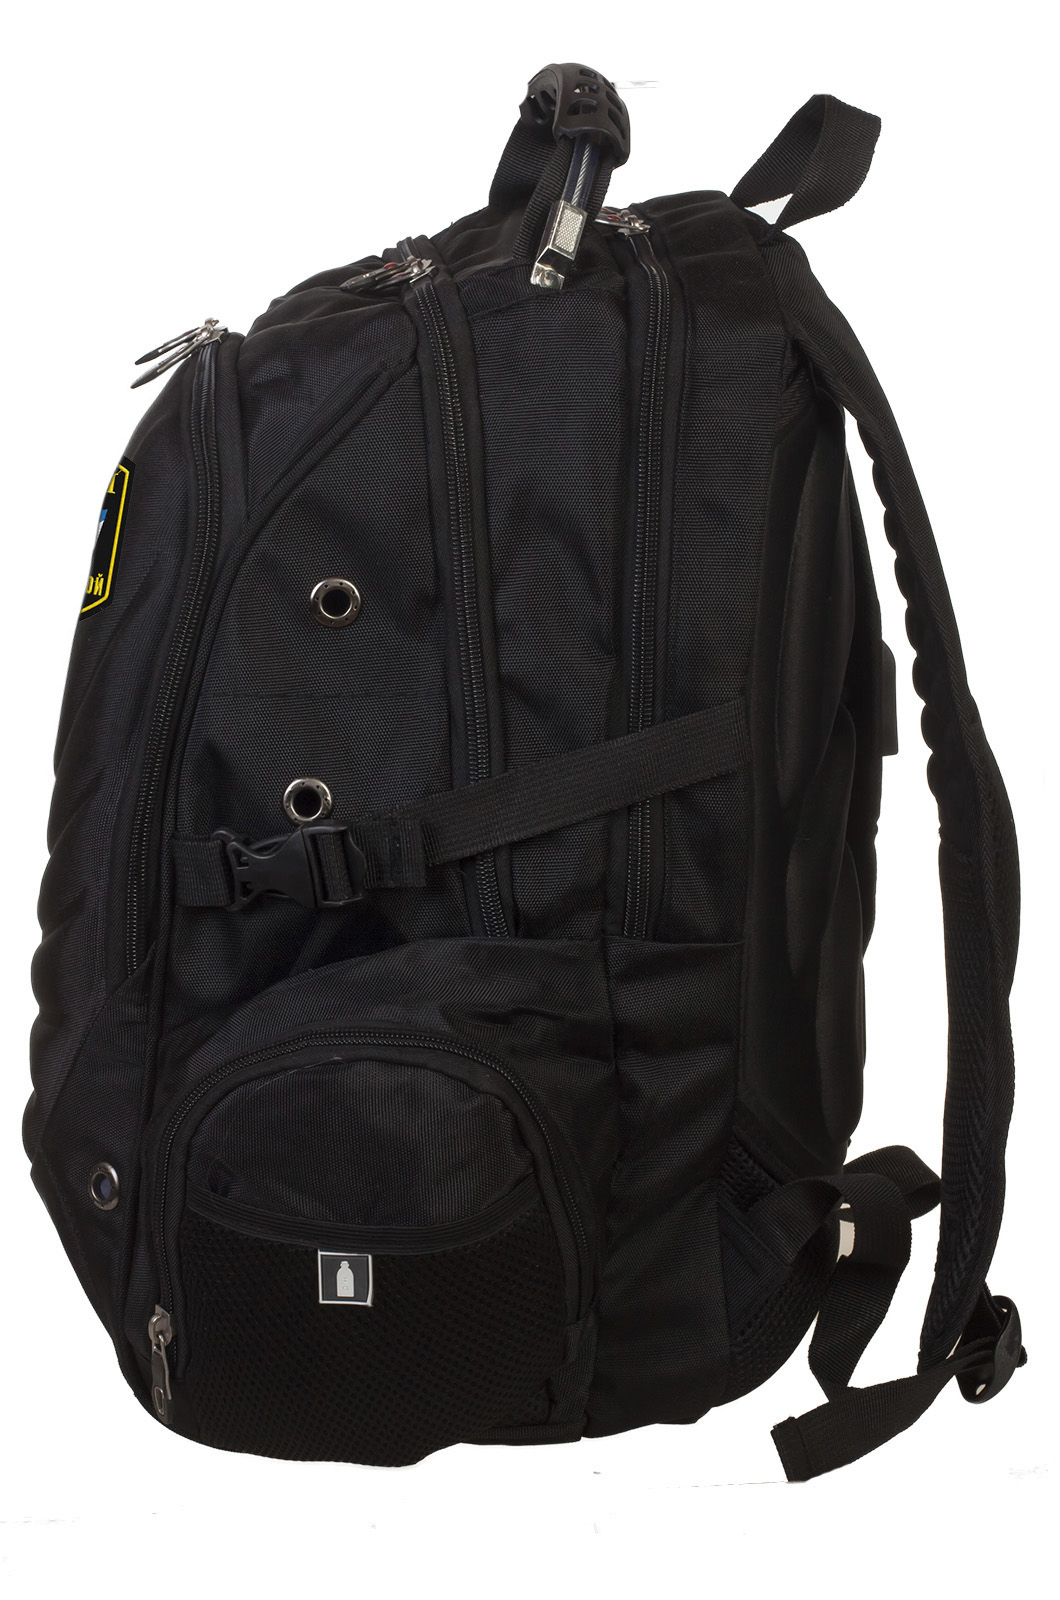 Черный практичный рюкзак с нашивкой ВМФ России - купить в Военпро